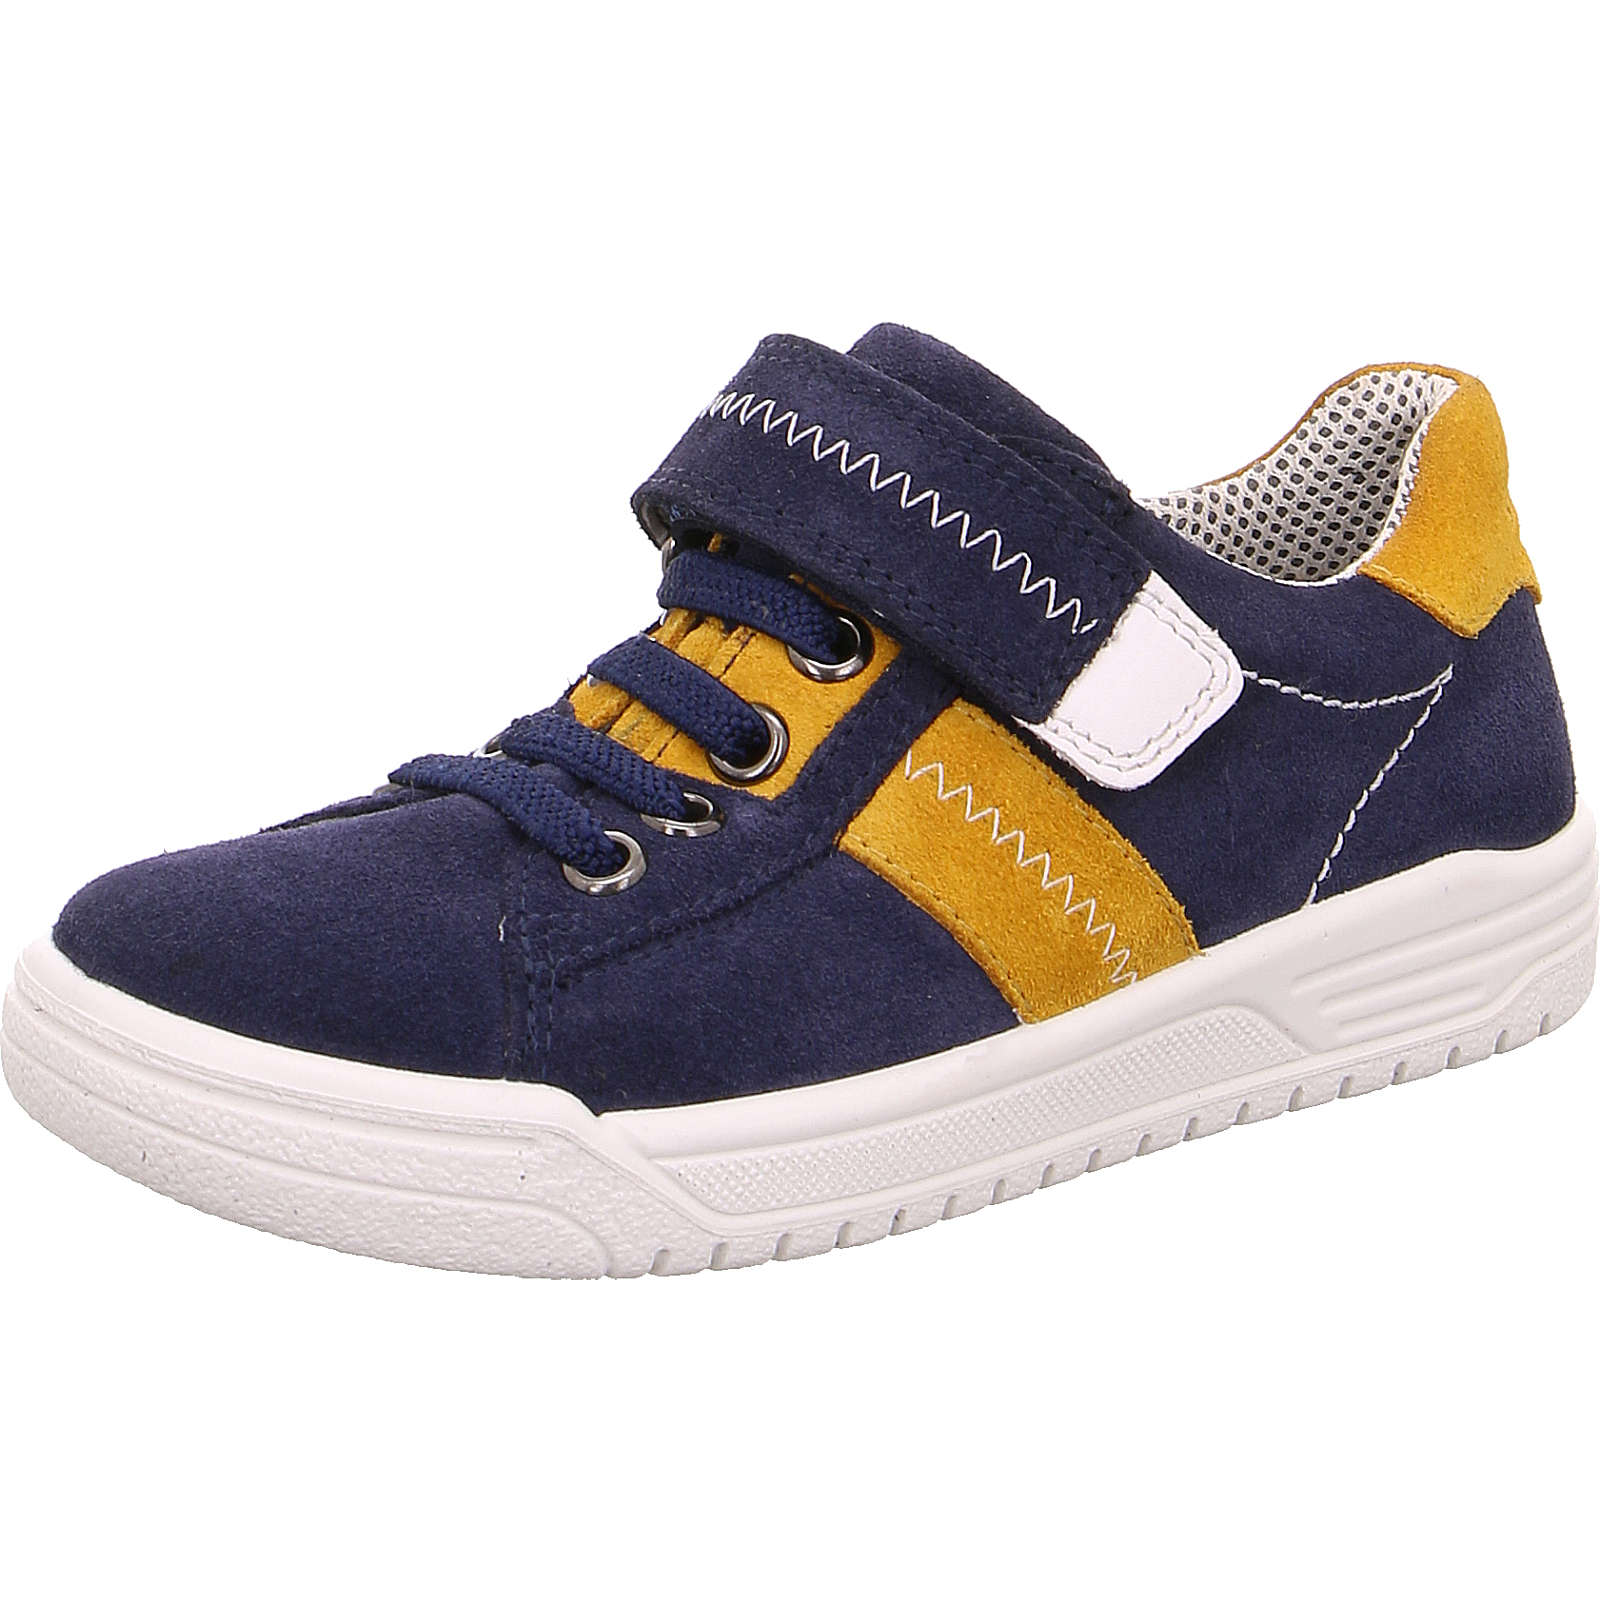 superfit Halbschuhe EARTH für Jungen, WMS-Weite W5, GORE-TEX, für breite Füße blau/gelb Junge Gr. 33